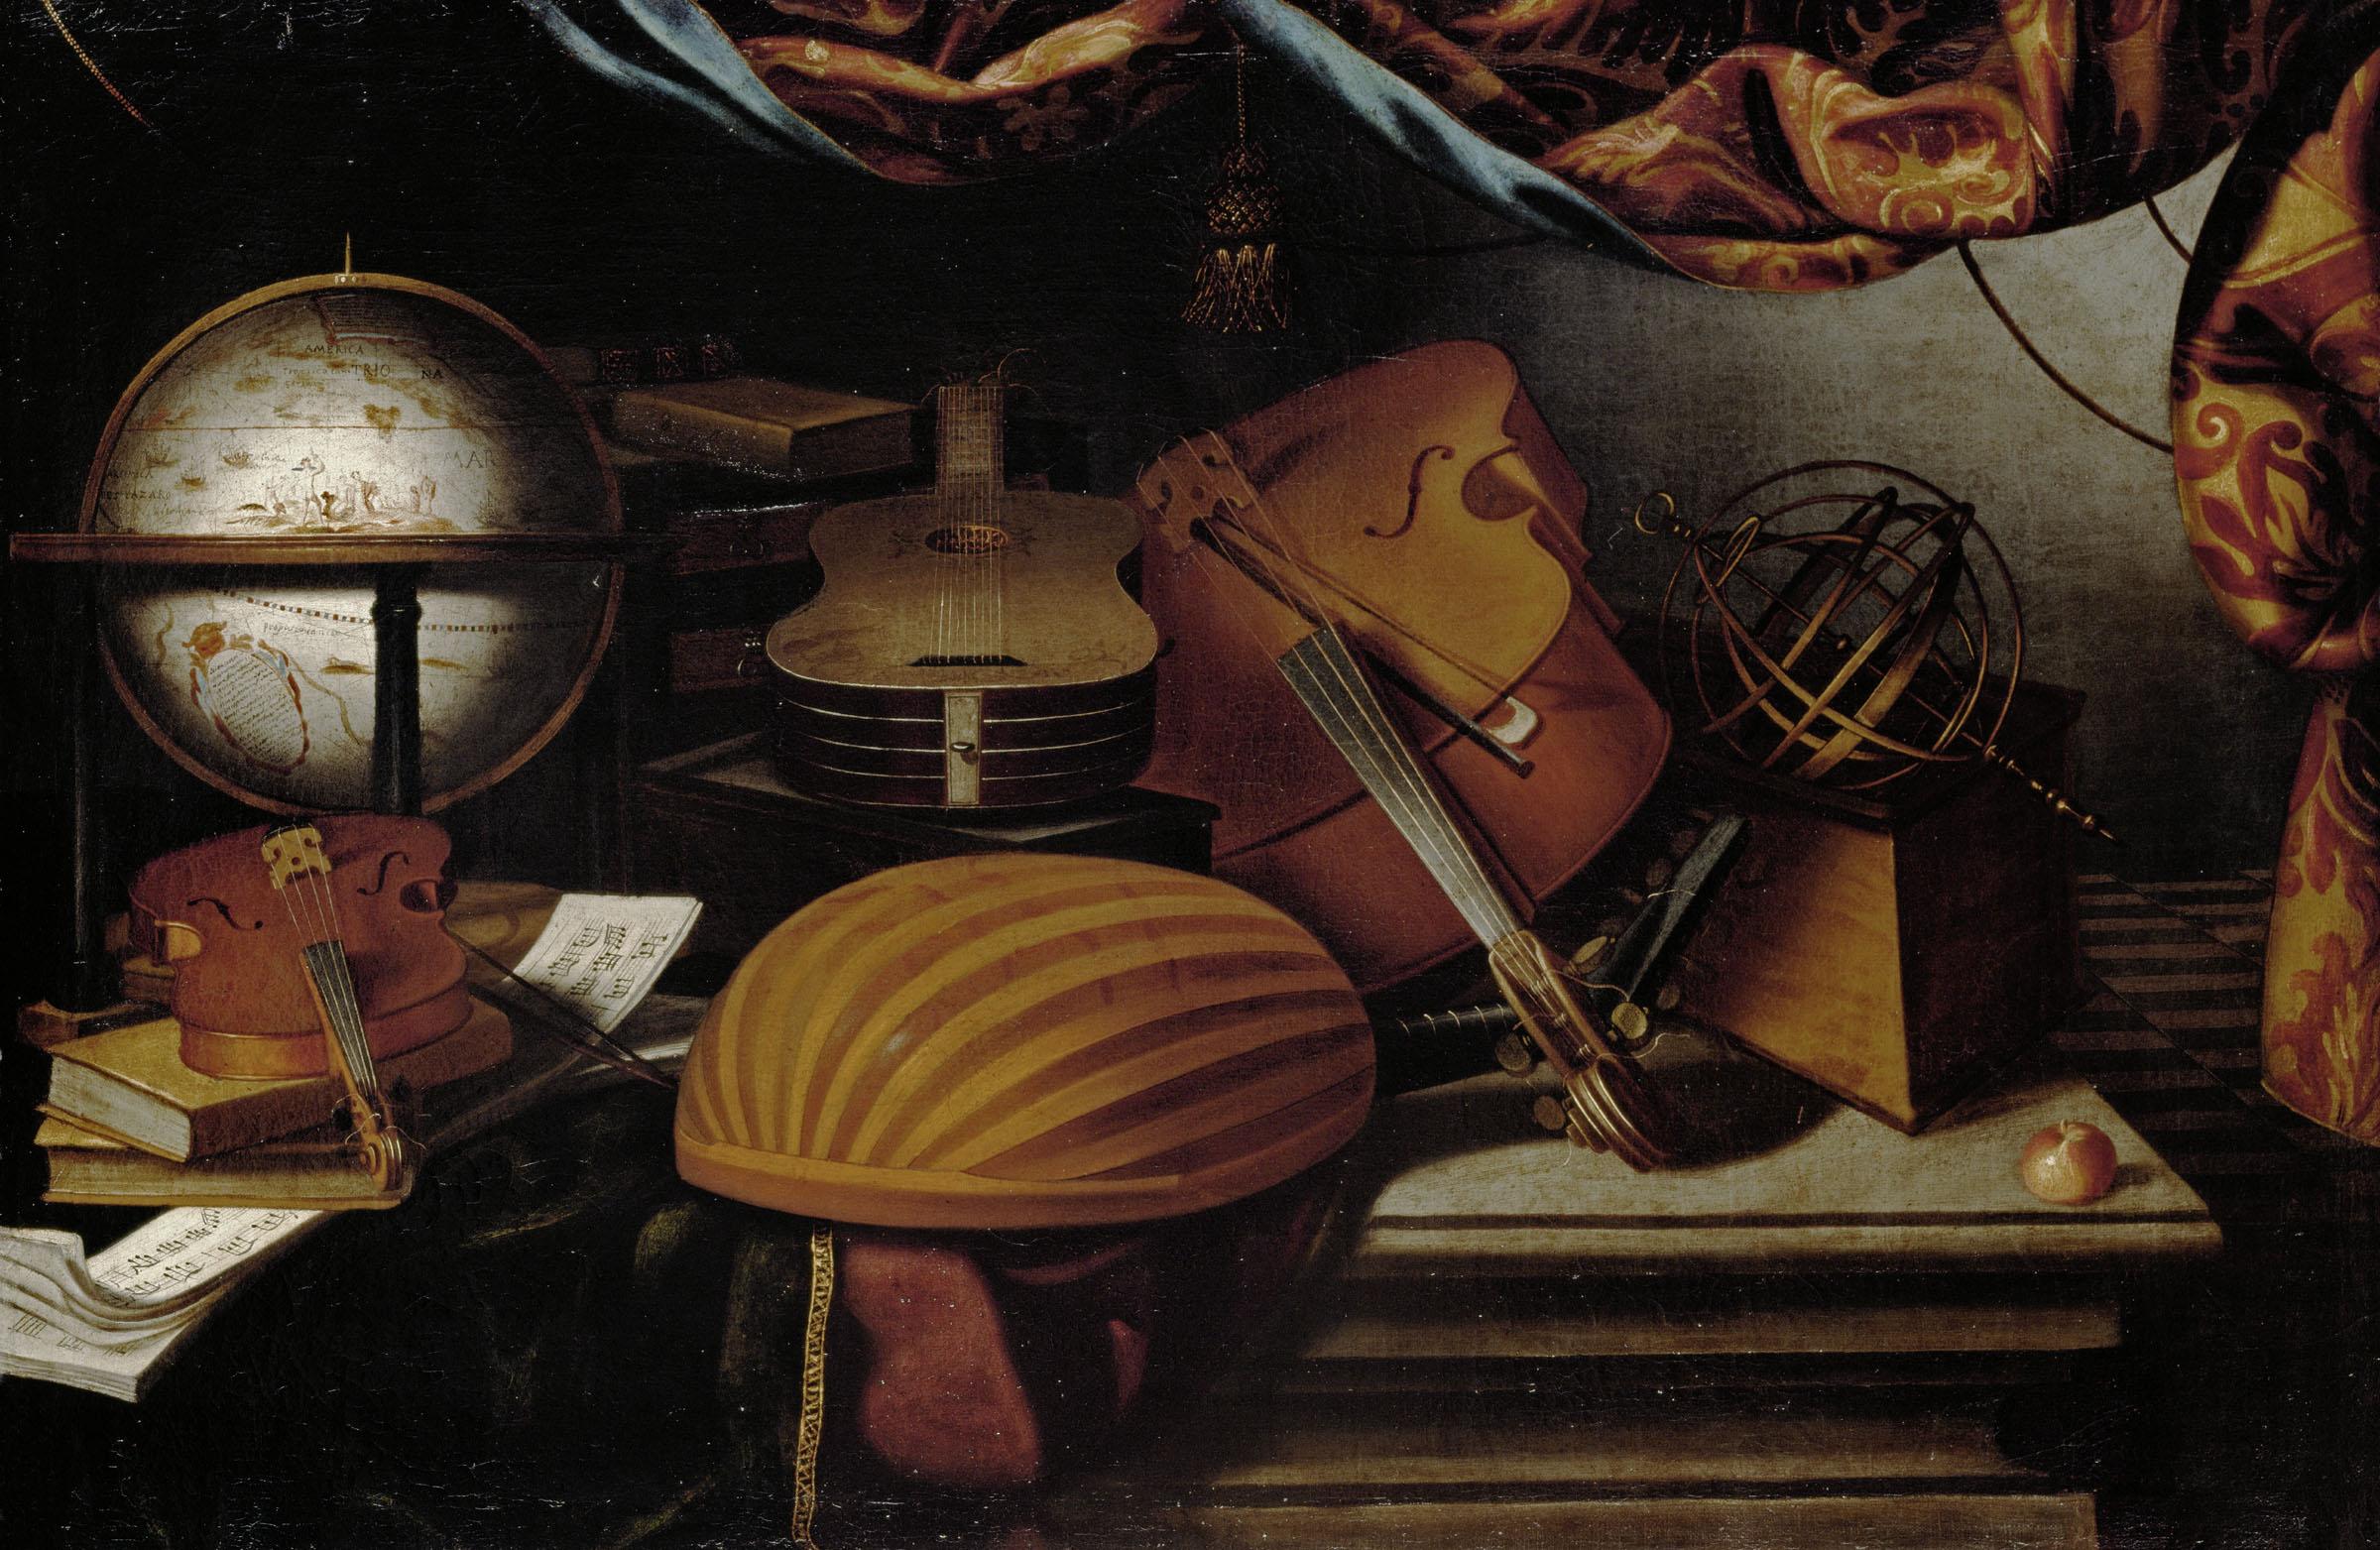 Evaristo Baschenis, Natura morta con strumenti musicali, terracqueo e sfera armillare, XVII secolo, olio su tela, 78 × 118 cm GG 9148 Kunsthistorisches Museum Vienna, Pinacoteca Courtesy KHM-Museumsverband